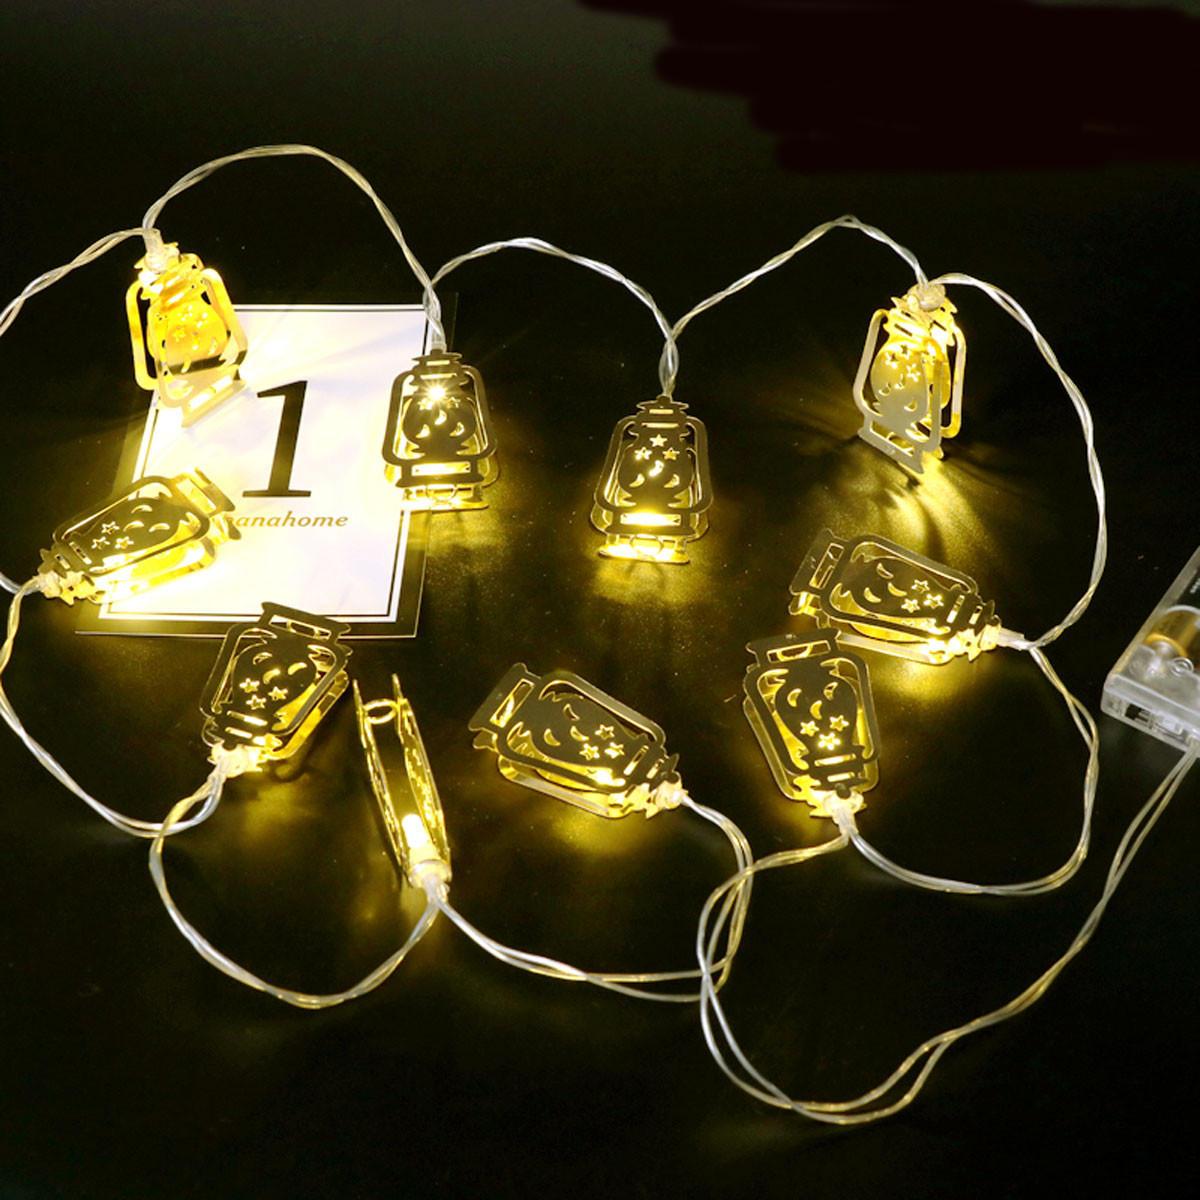 バッテリー駆動ゴールデンFanoosランタン10 LEDストリング妖精のホリデーライトパーティーホームデコレーションのため